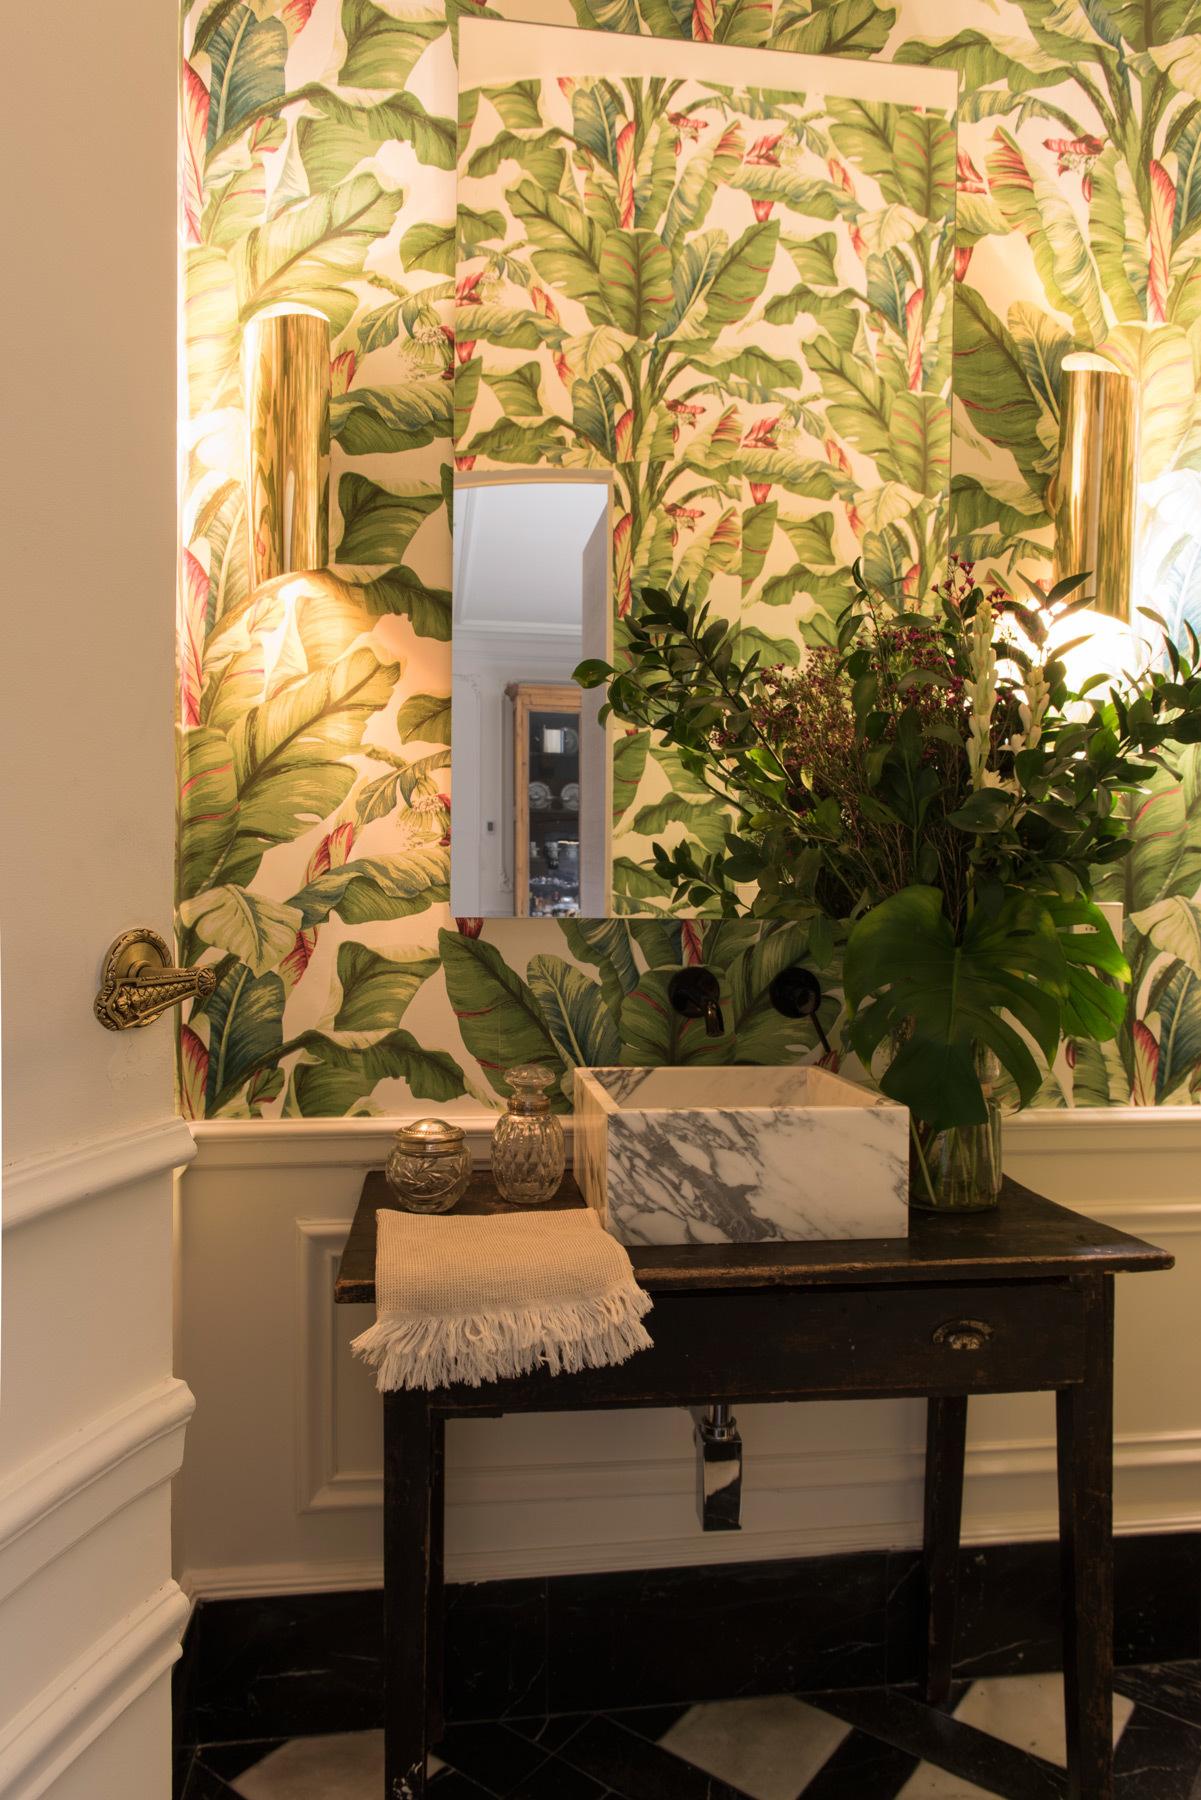 La humedad del baño es buena para determinadas plantas tropicales.